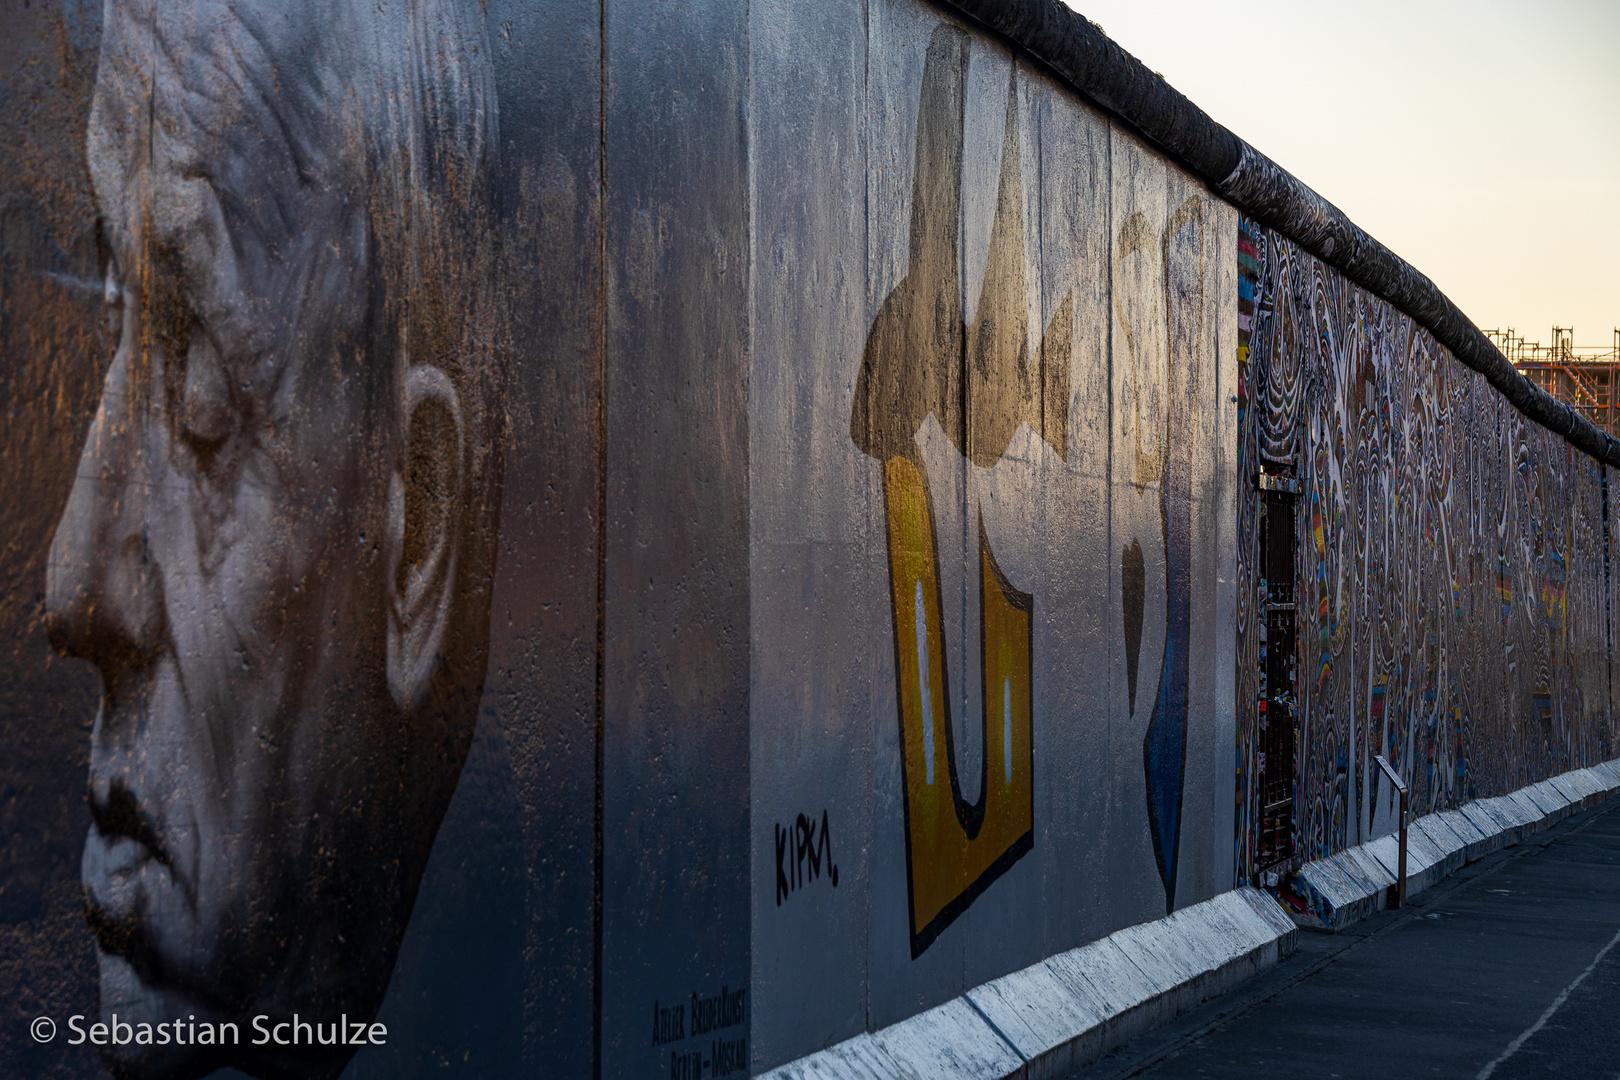 Berlin (bekannte Plätze) in Zeiten von Corona (Covid19) #07